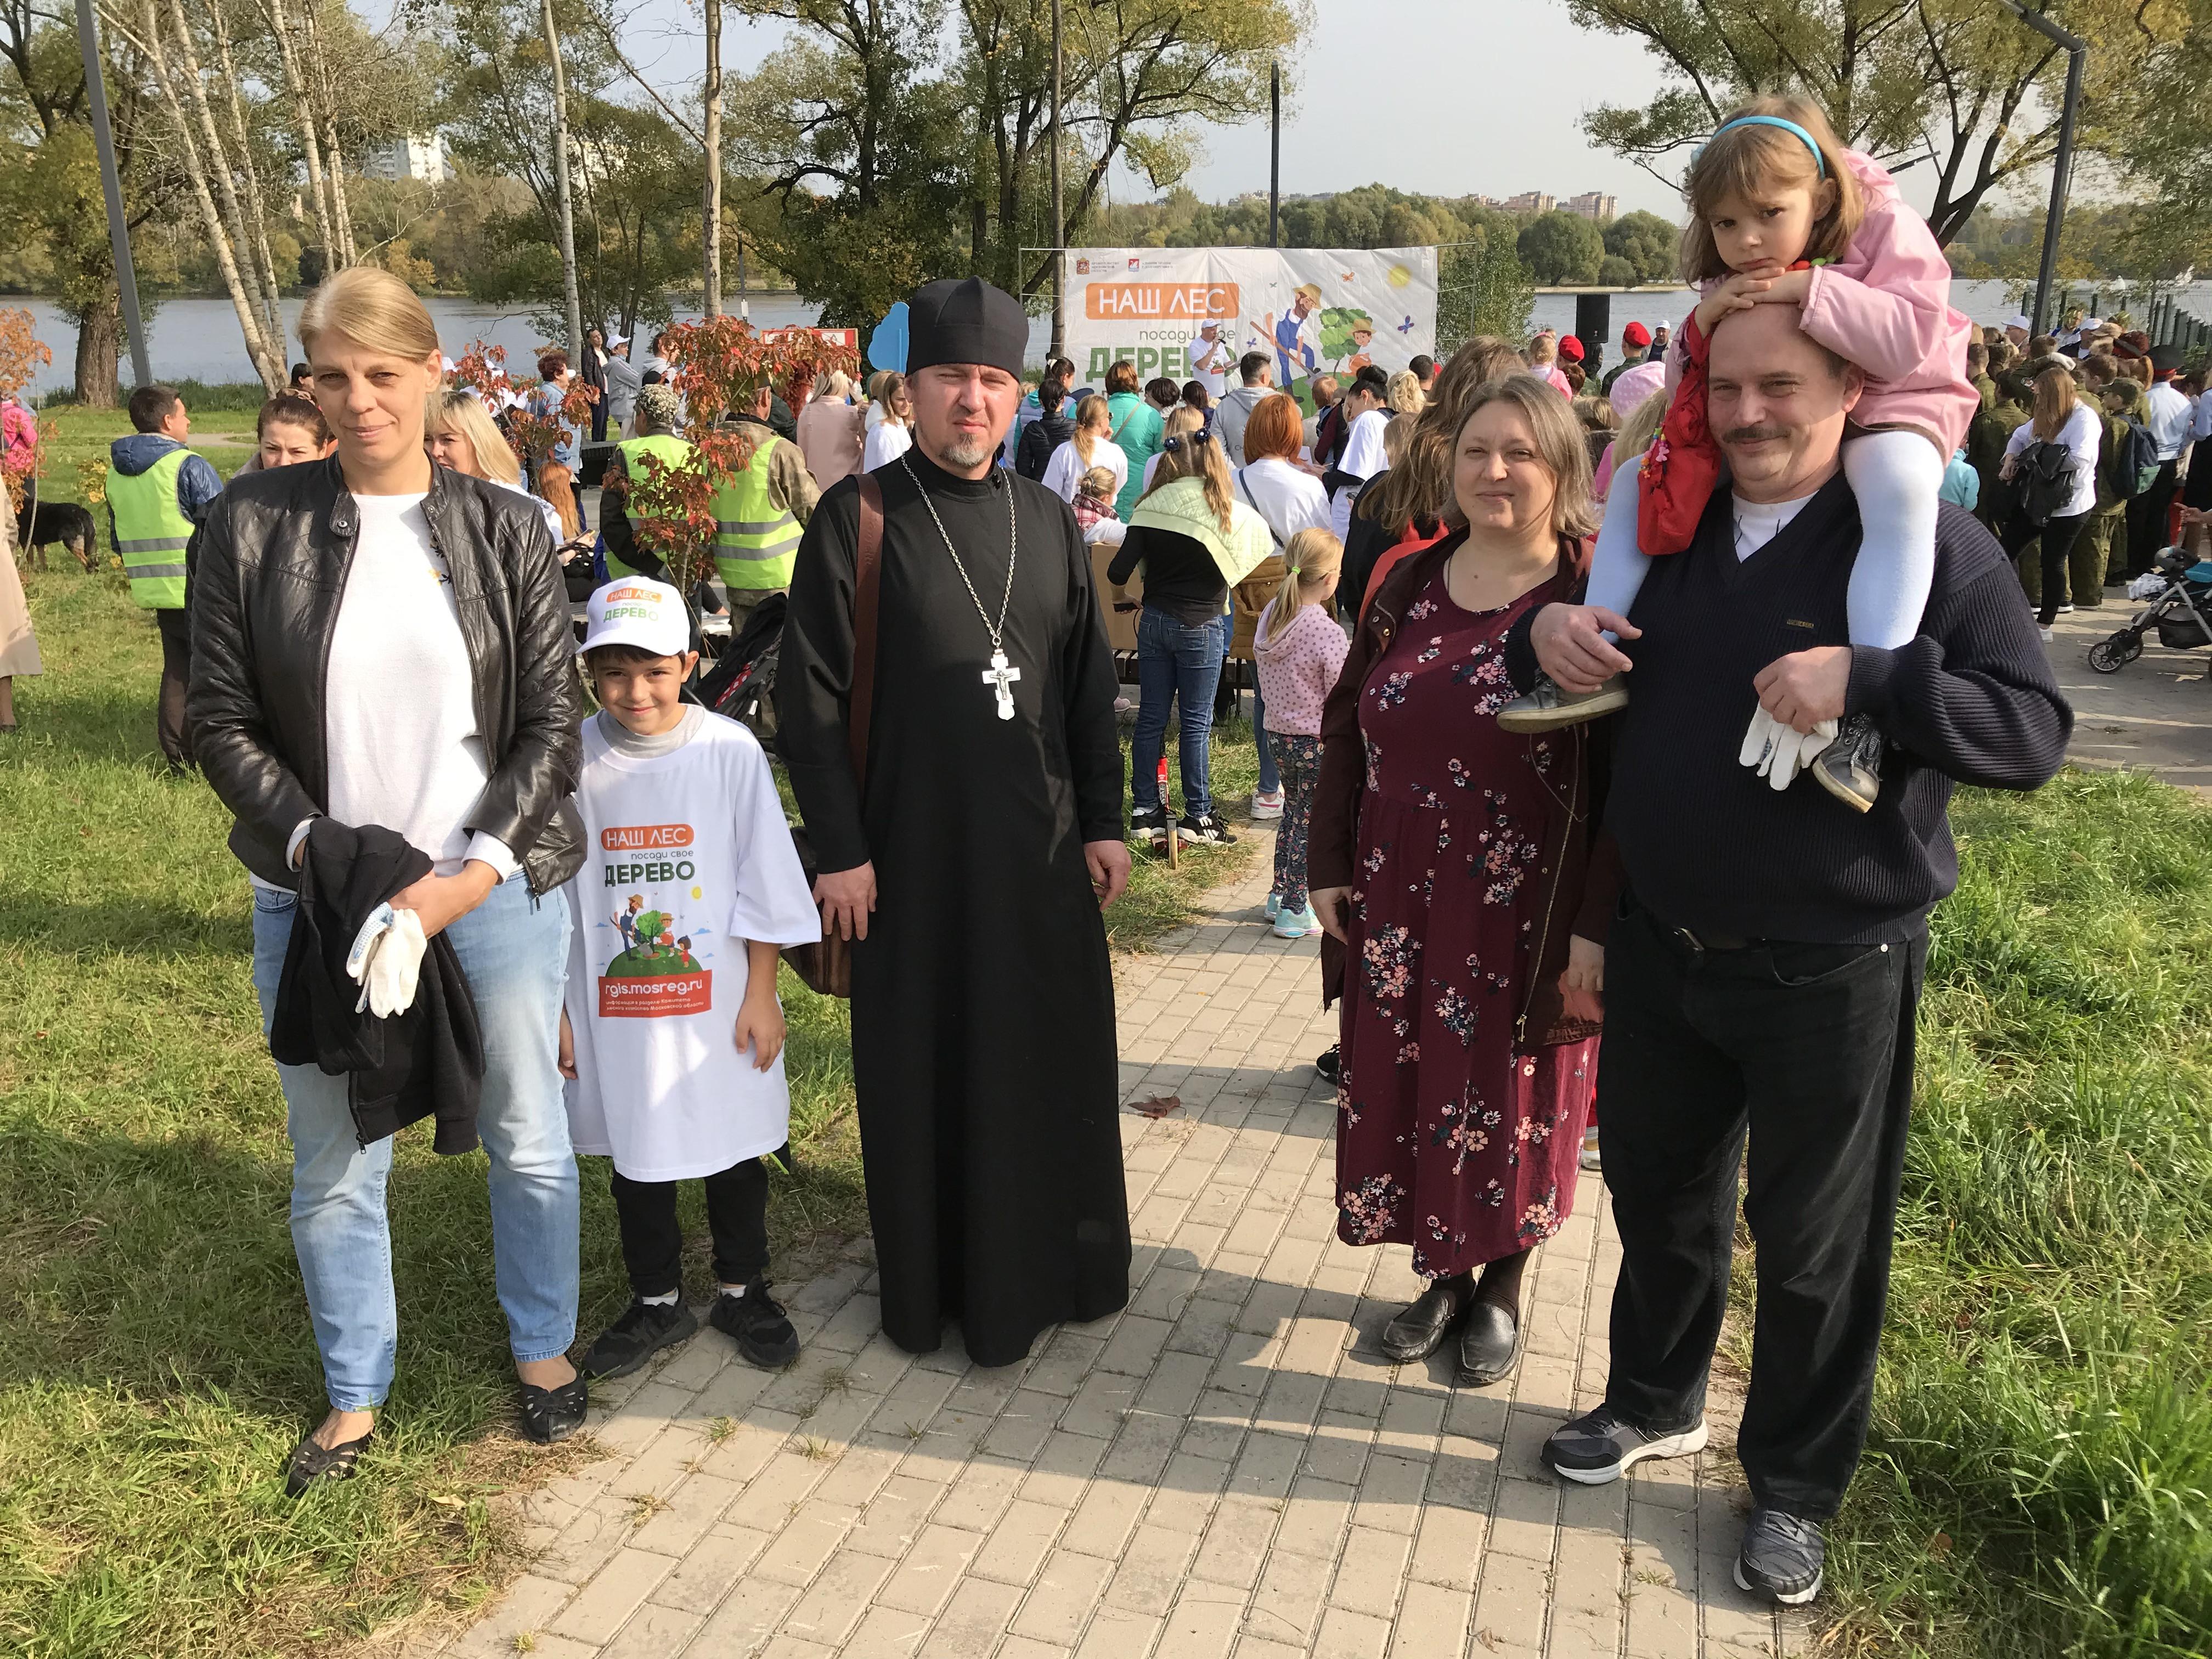 25 сентября в парке Мысово города Долгопрудный прошла экологическая акция Наш лес. Посади свое дерево. Каждый год горожане присоединяются к акции, проводимой по инициативе губернатора Московской области